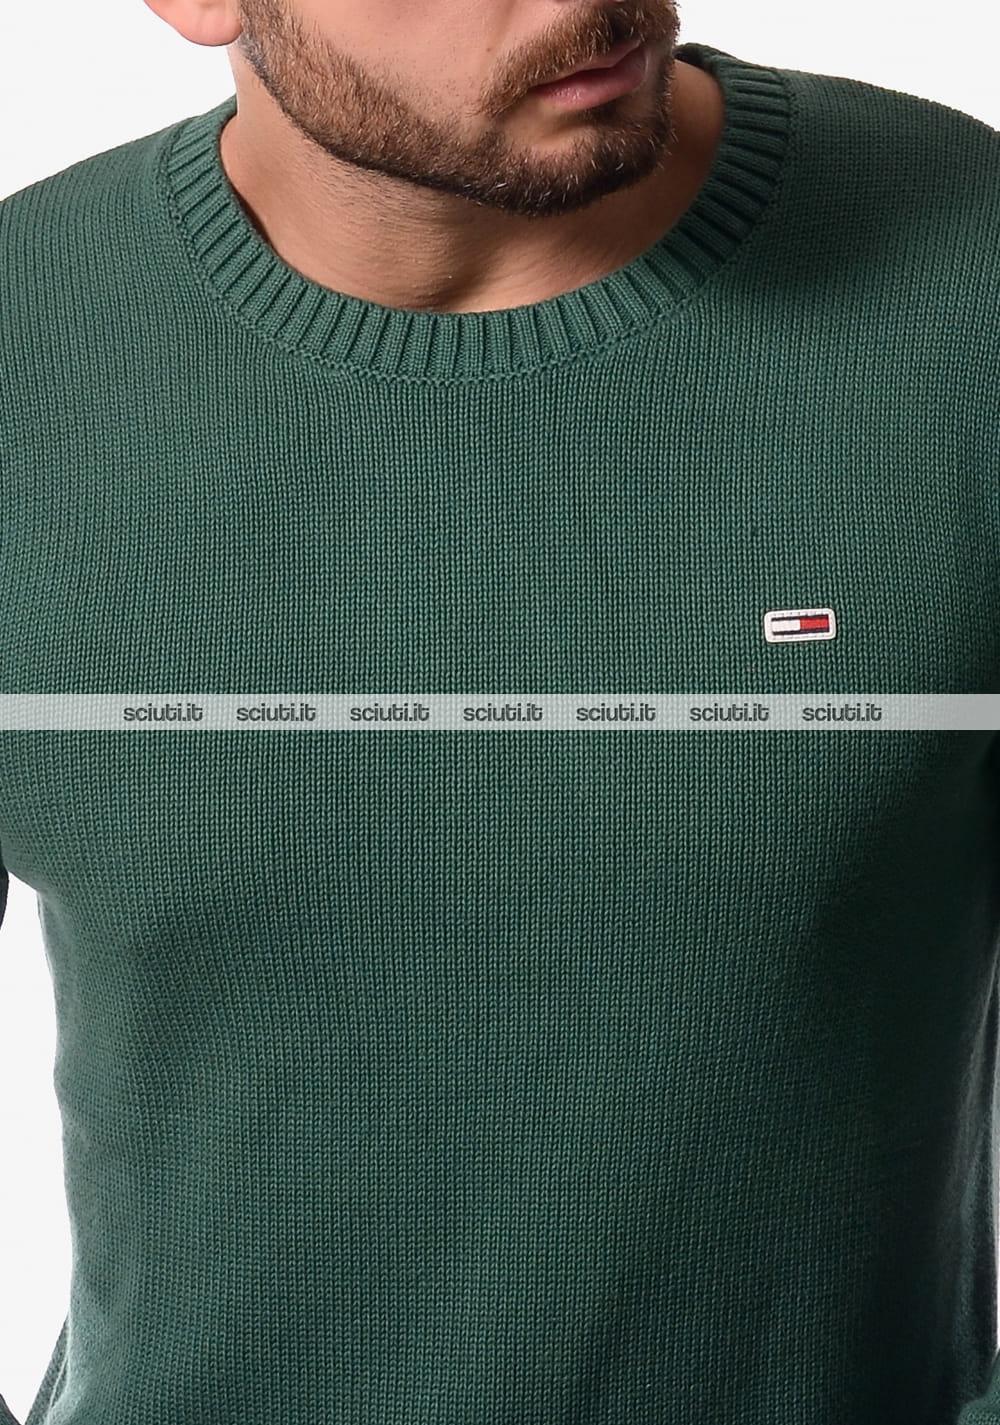 TOMMY HILFIGER maglia uomo 100% cotone